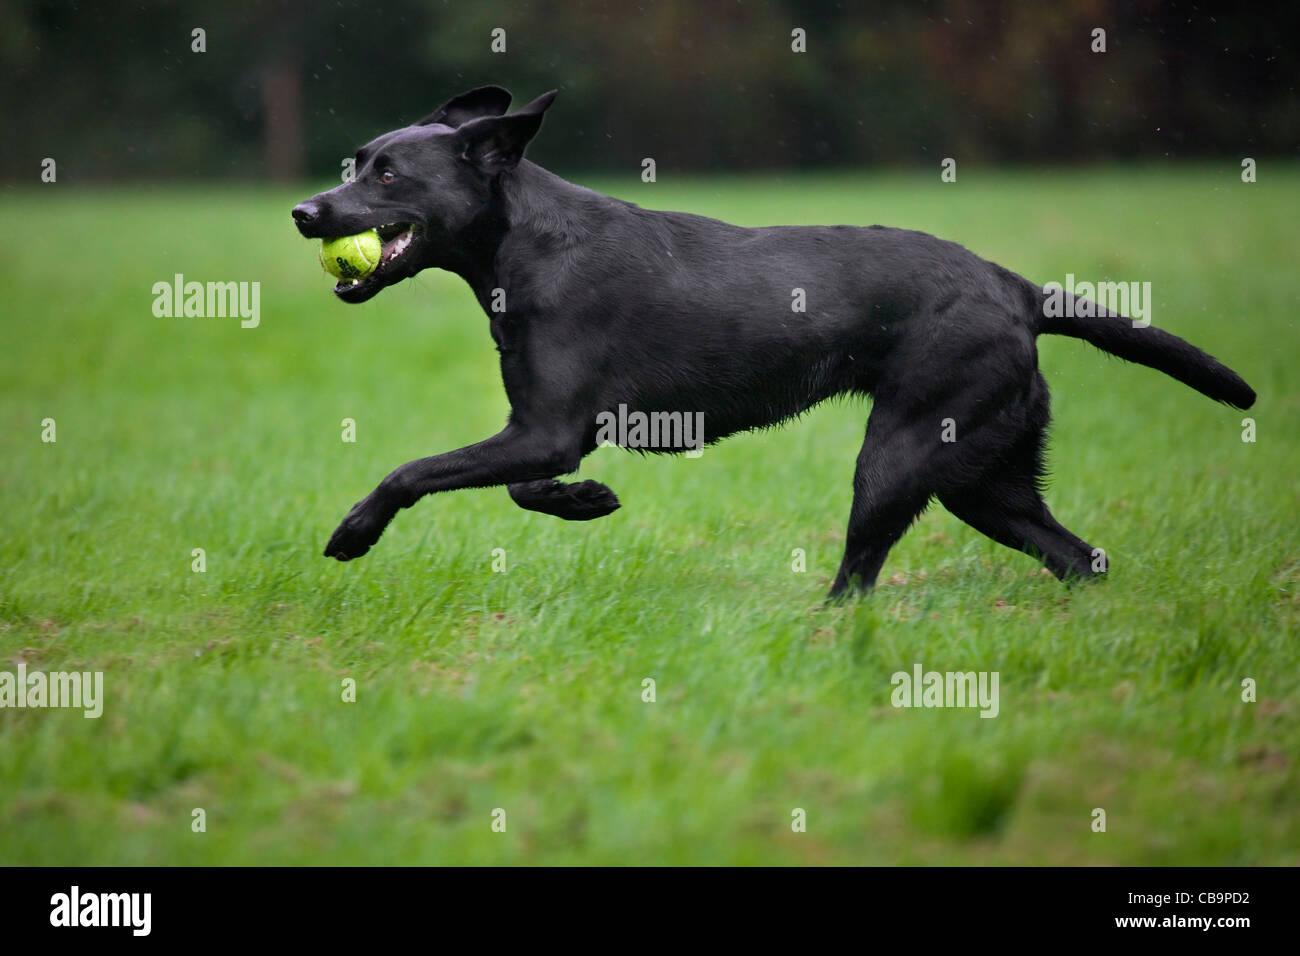 Schwarze Labrador (Canis Lupus Familiaris) Hund laufen und bezaubernde Tennisball im Garten im Regen Stockbild